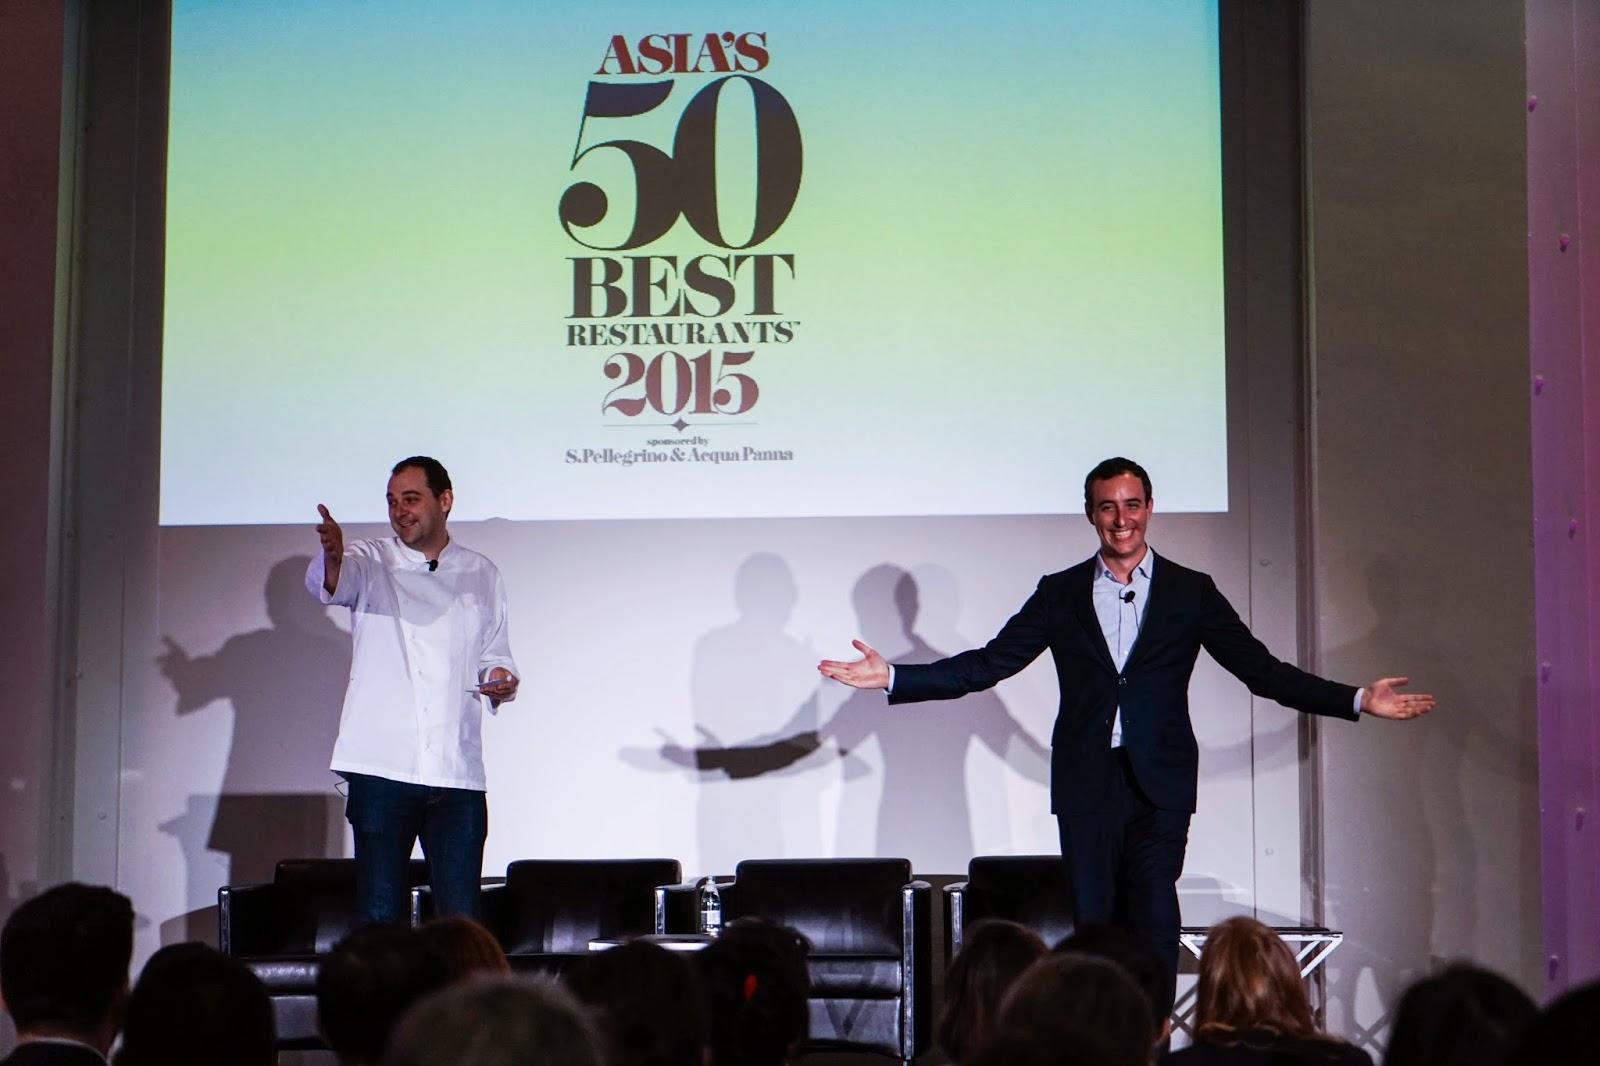 2015年亞洲五十最佳餐廳,典禮實況及榜單分析